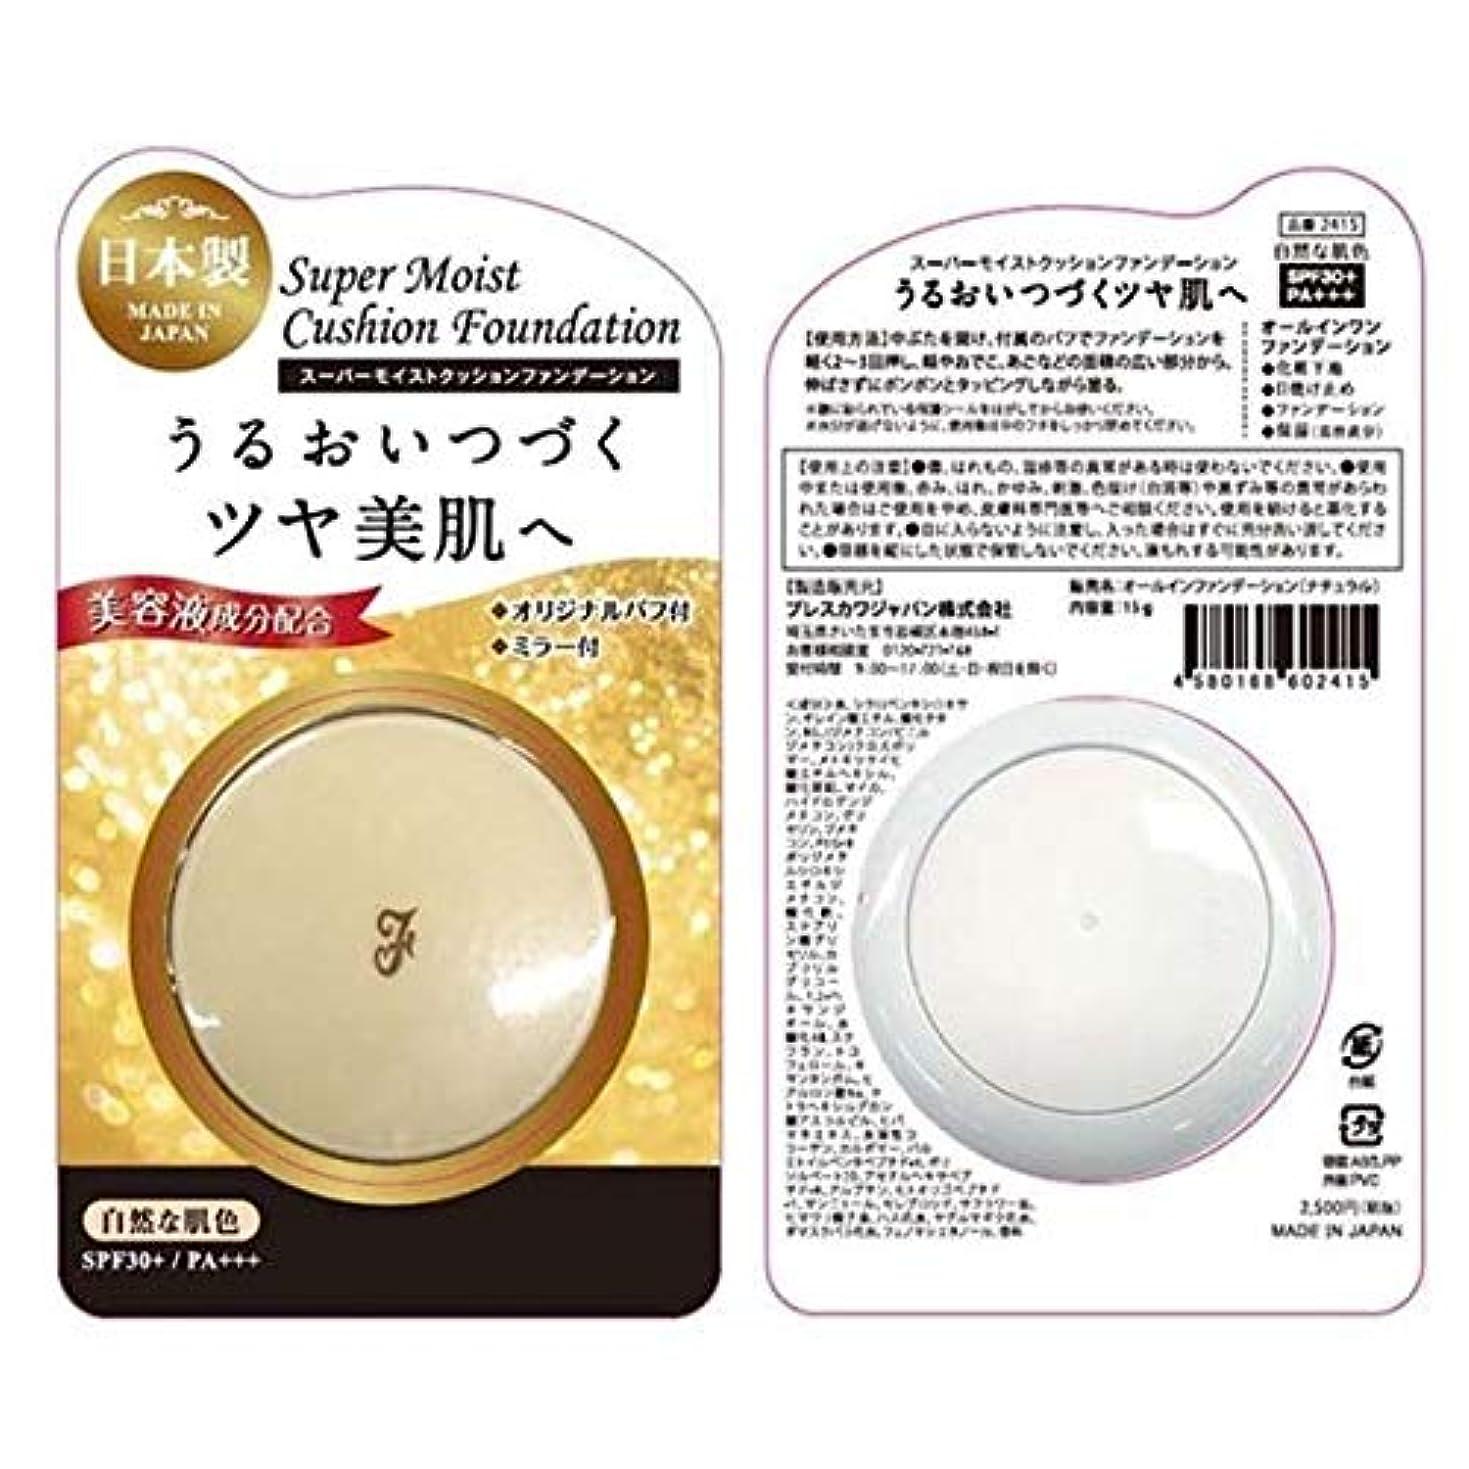 頭痛クラシカル誇張日本製●クッションファンデーション SPF30+ PA+++ 新色 自然な肌色 さらっとした使い心地 コスメ しっとりなめらか ファンデ